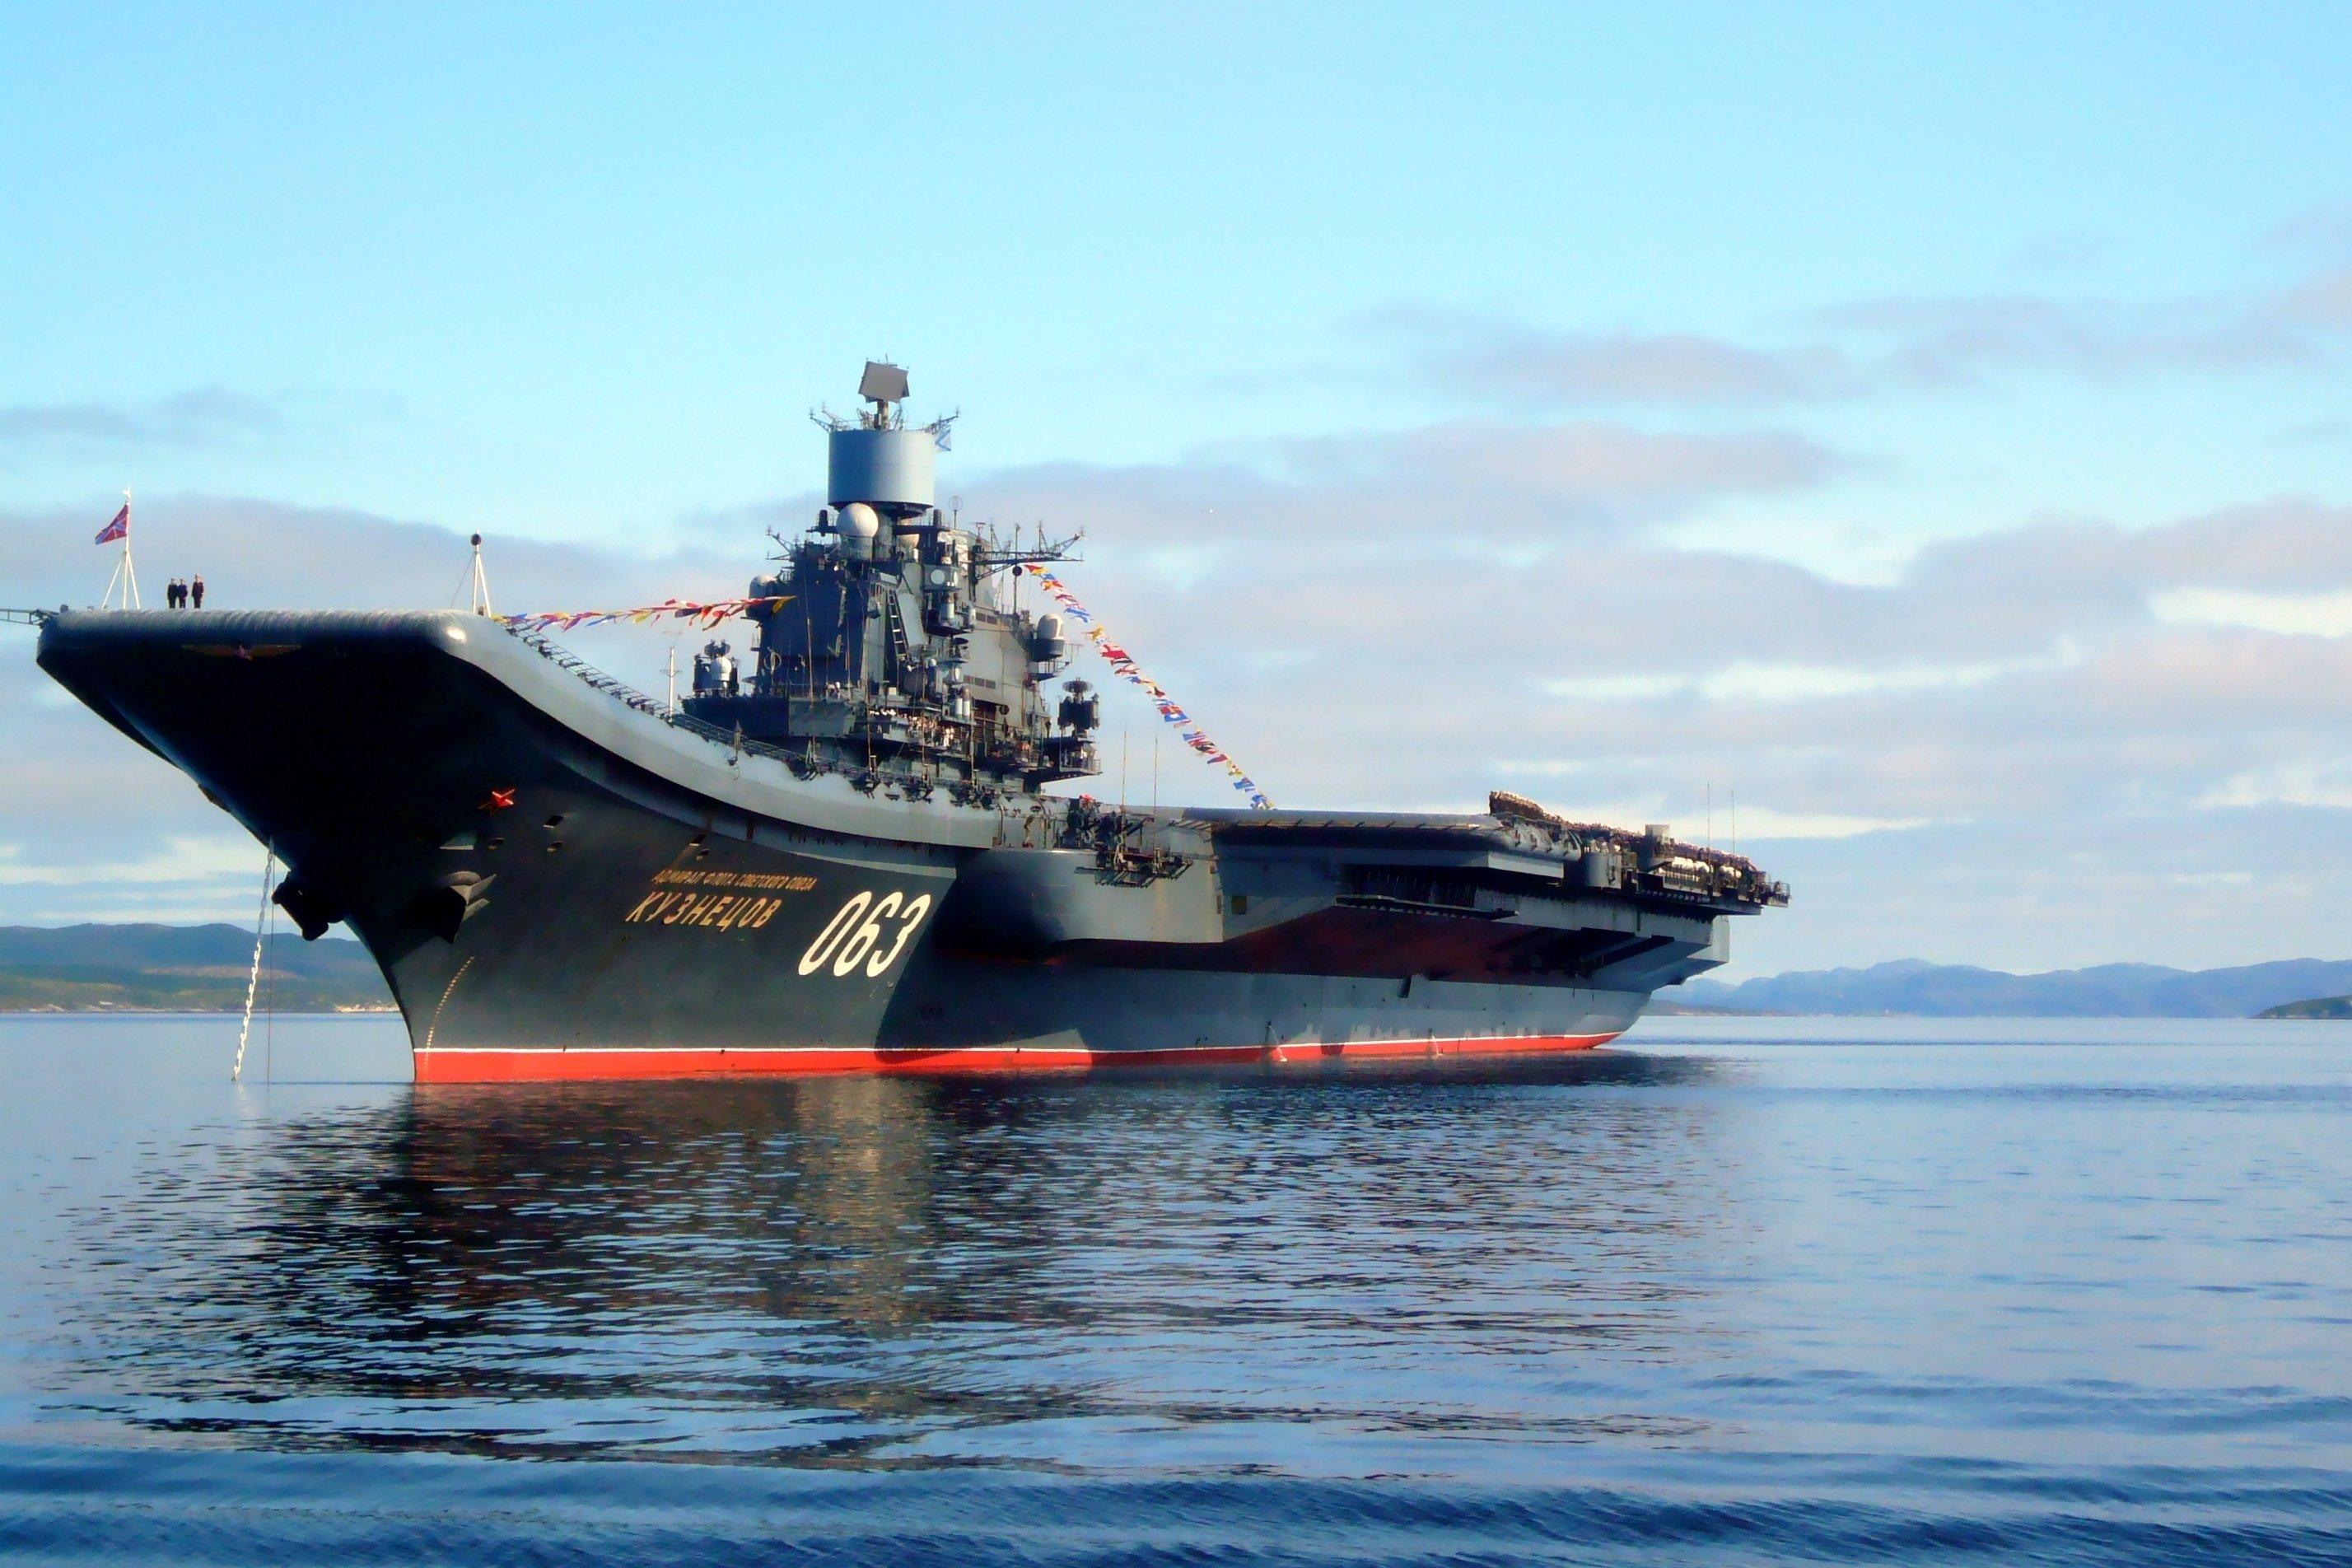 رابطه نظامی ایران و روسیه چگونه است؟